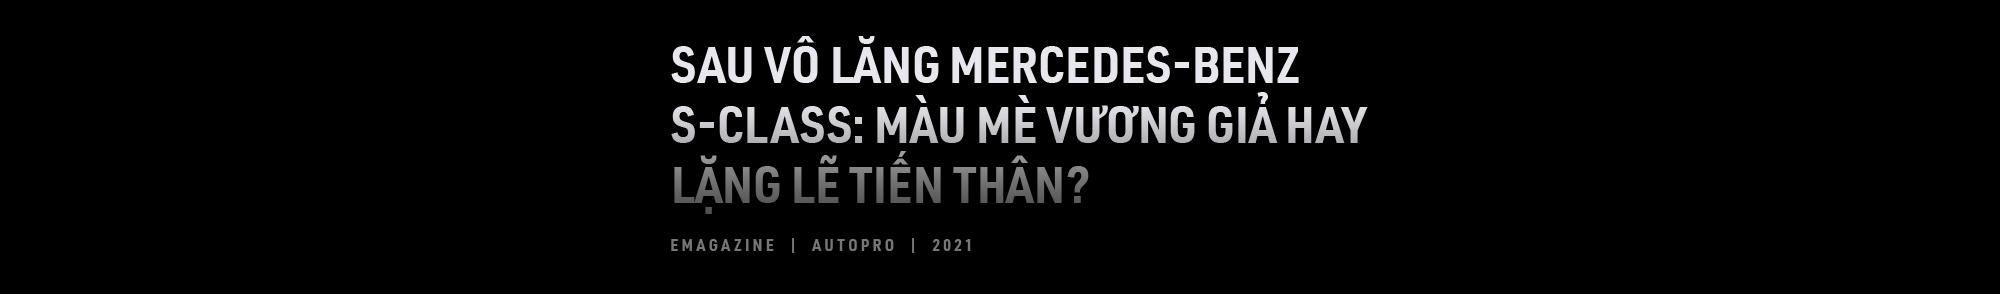 Cuộc sống kín tiếng sau vô lăng 'Mẹc S' của đại gia Việt: Làm 100 đồng, chỉ tiêu 5 đồng - Ảnh 13.